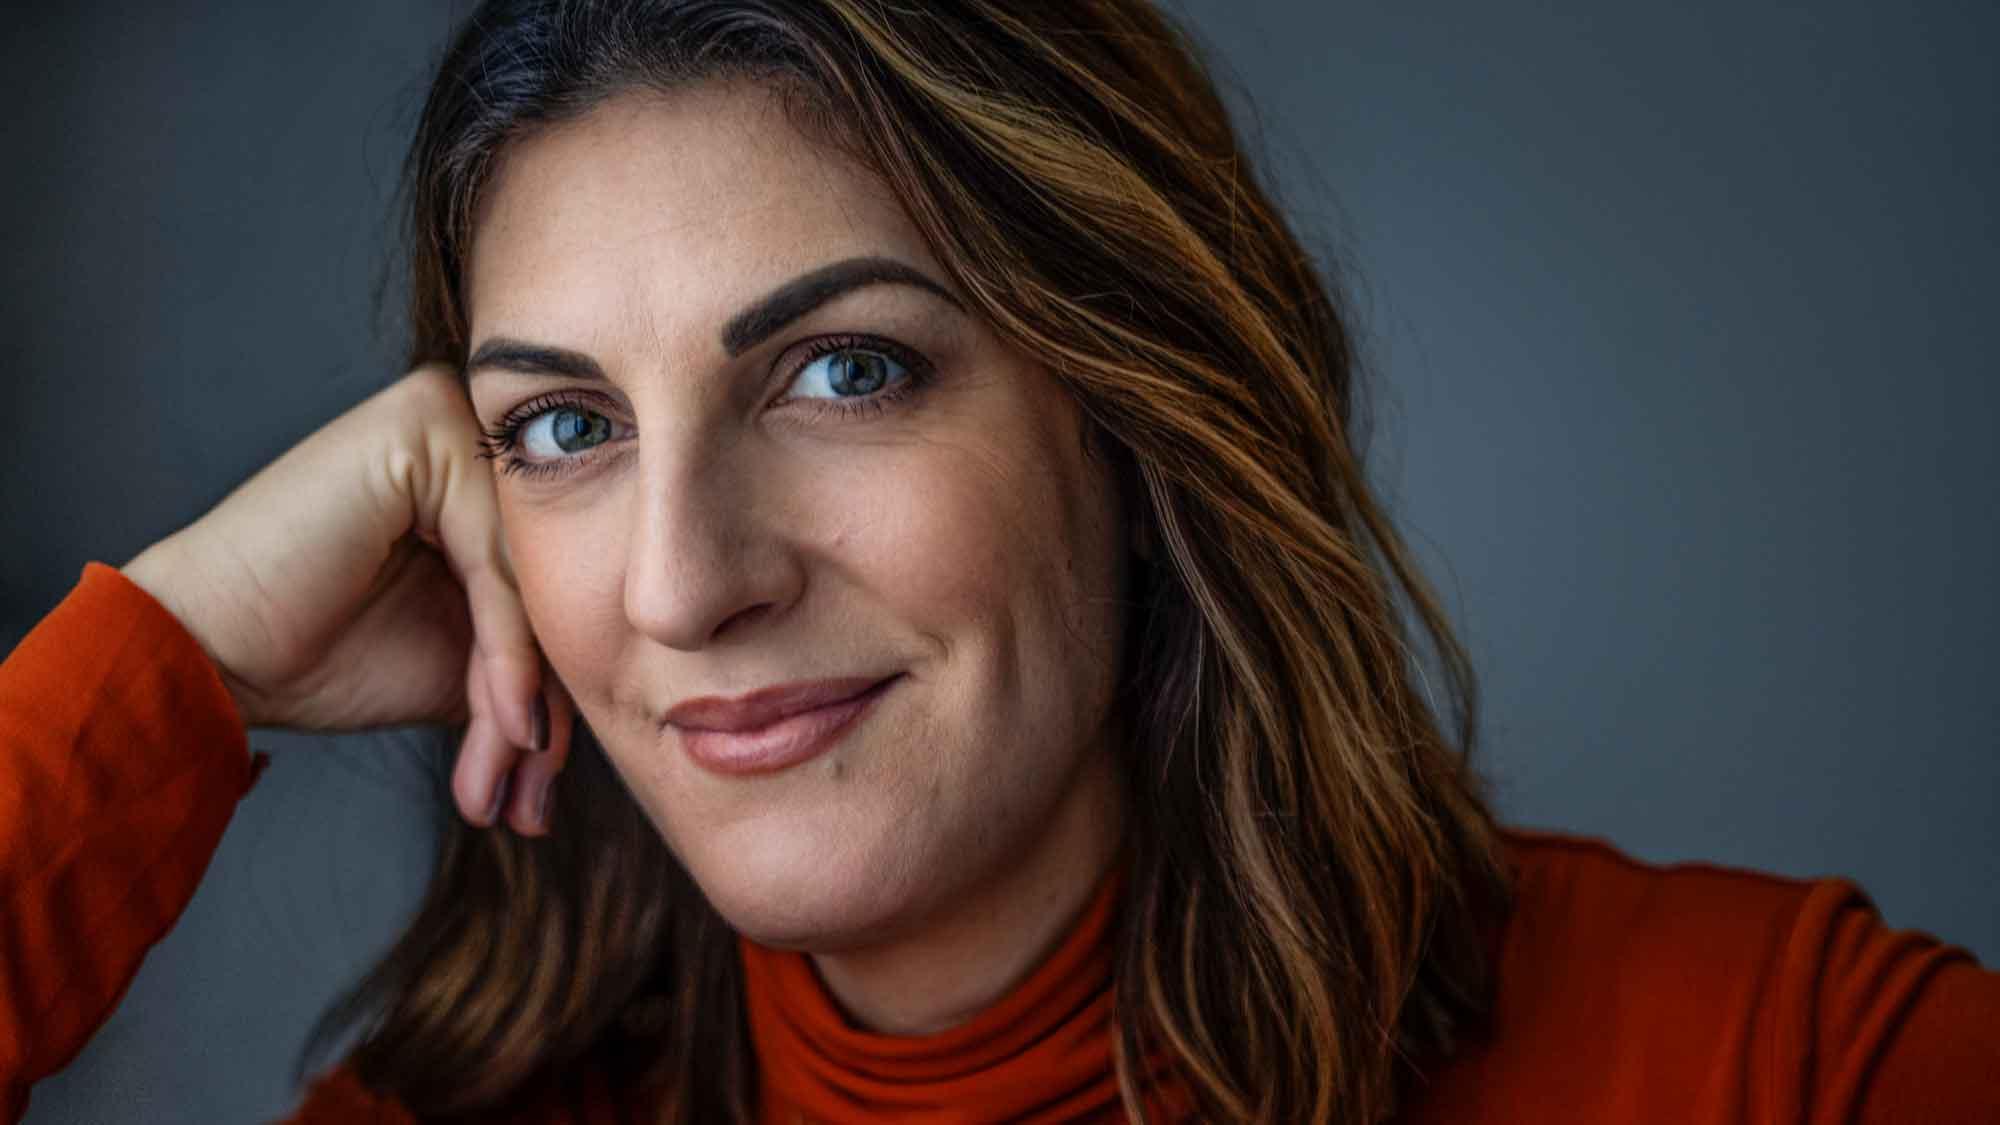 Programledaren Soraya Lavasani sitter med huvudet lutat mot ena handen